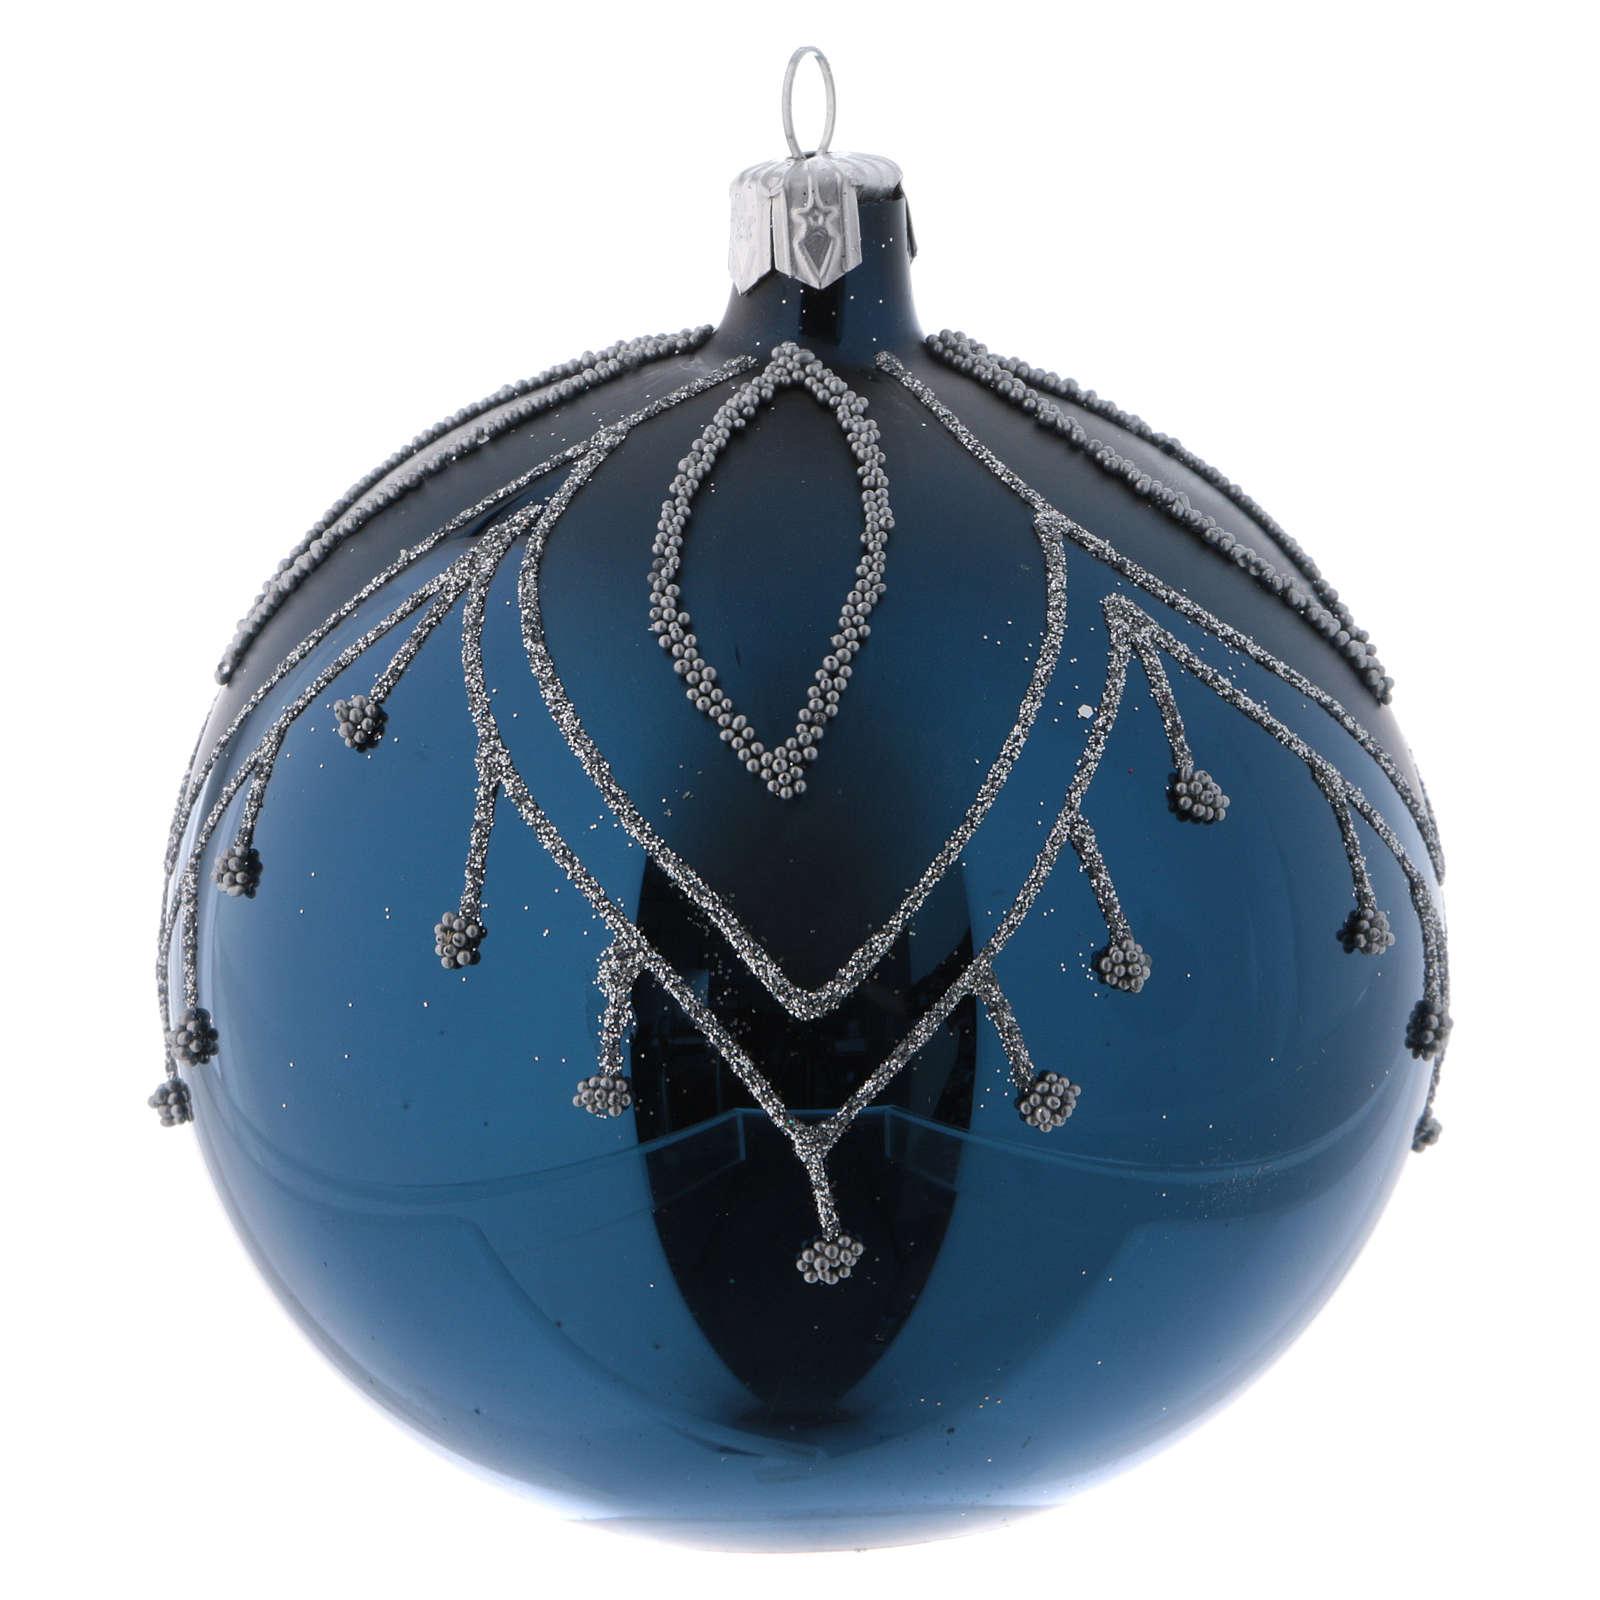 Weihnachtskugeln aus Glas 4er-Set Grundton Blau mit | Online Verfauf ...